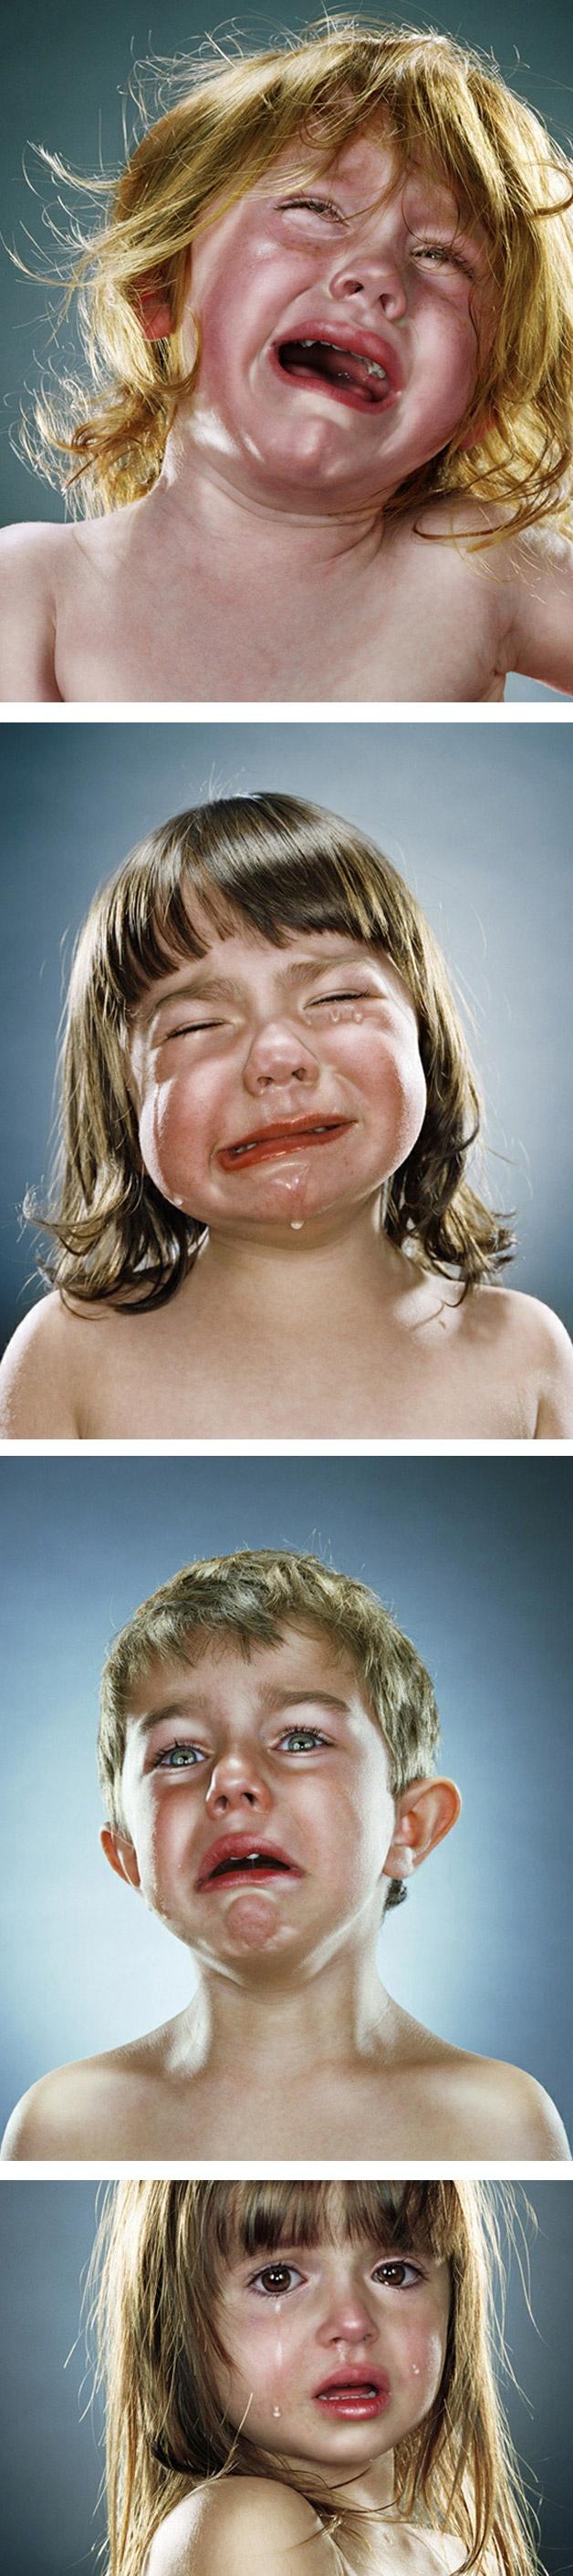 O fotógrafo Jill Greenberg se cansou de ver fotos de crianças sempre sorrindo e criou esse ensaio no qual os pequenos aparecem chorando torrencialmente.